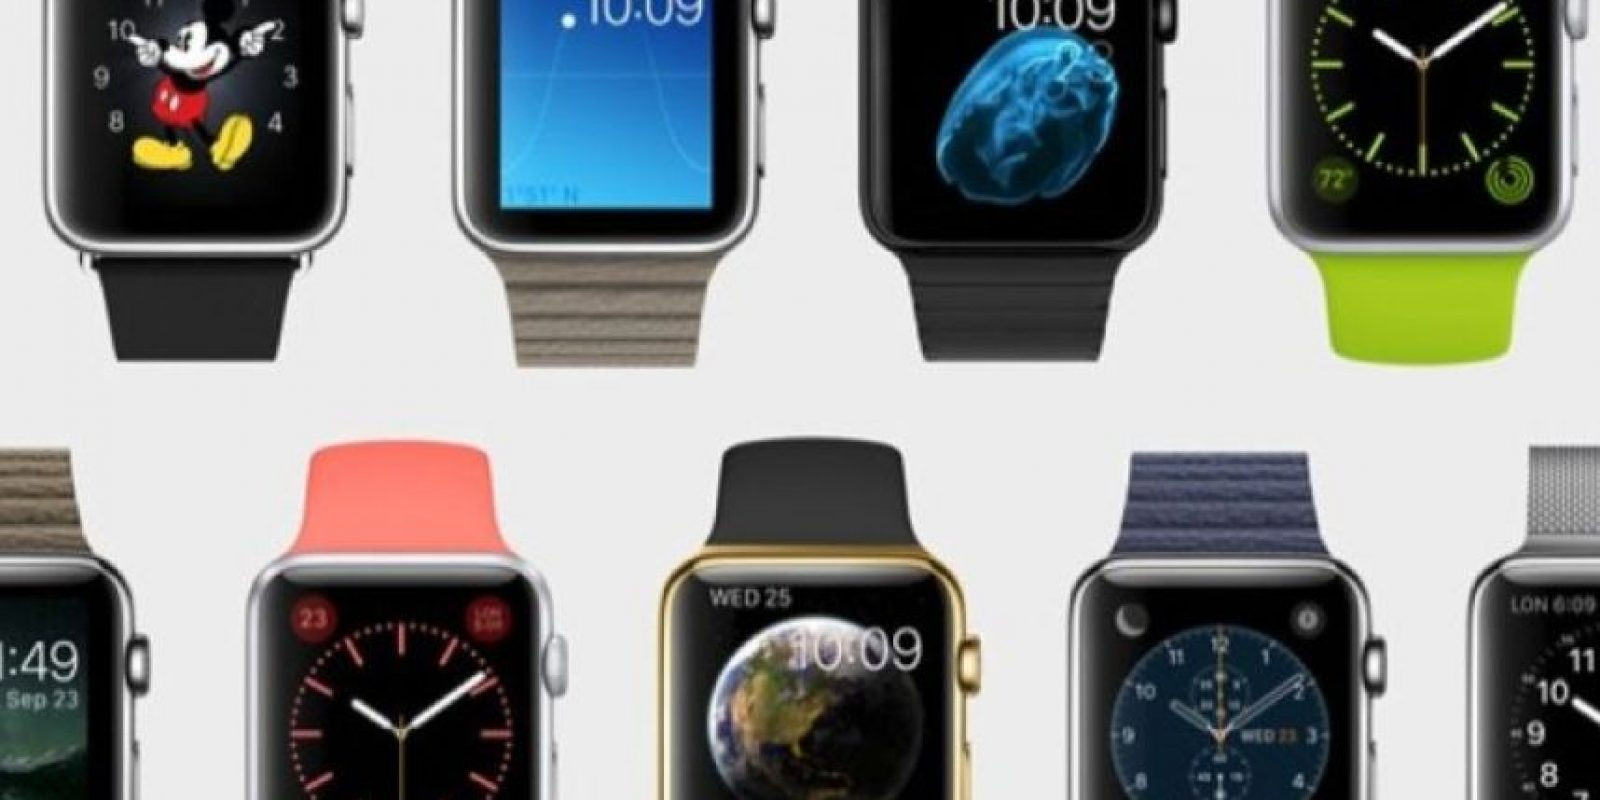 Hasta 18 modelos diferentes podrán elegir para su reloj en la edición Watch. Foto:Apple